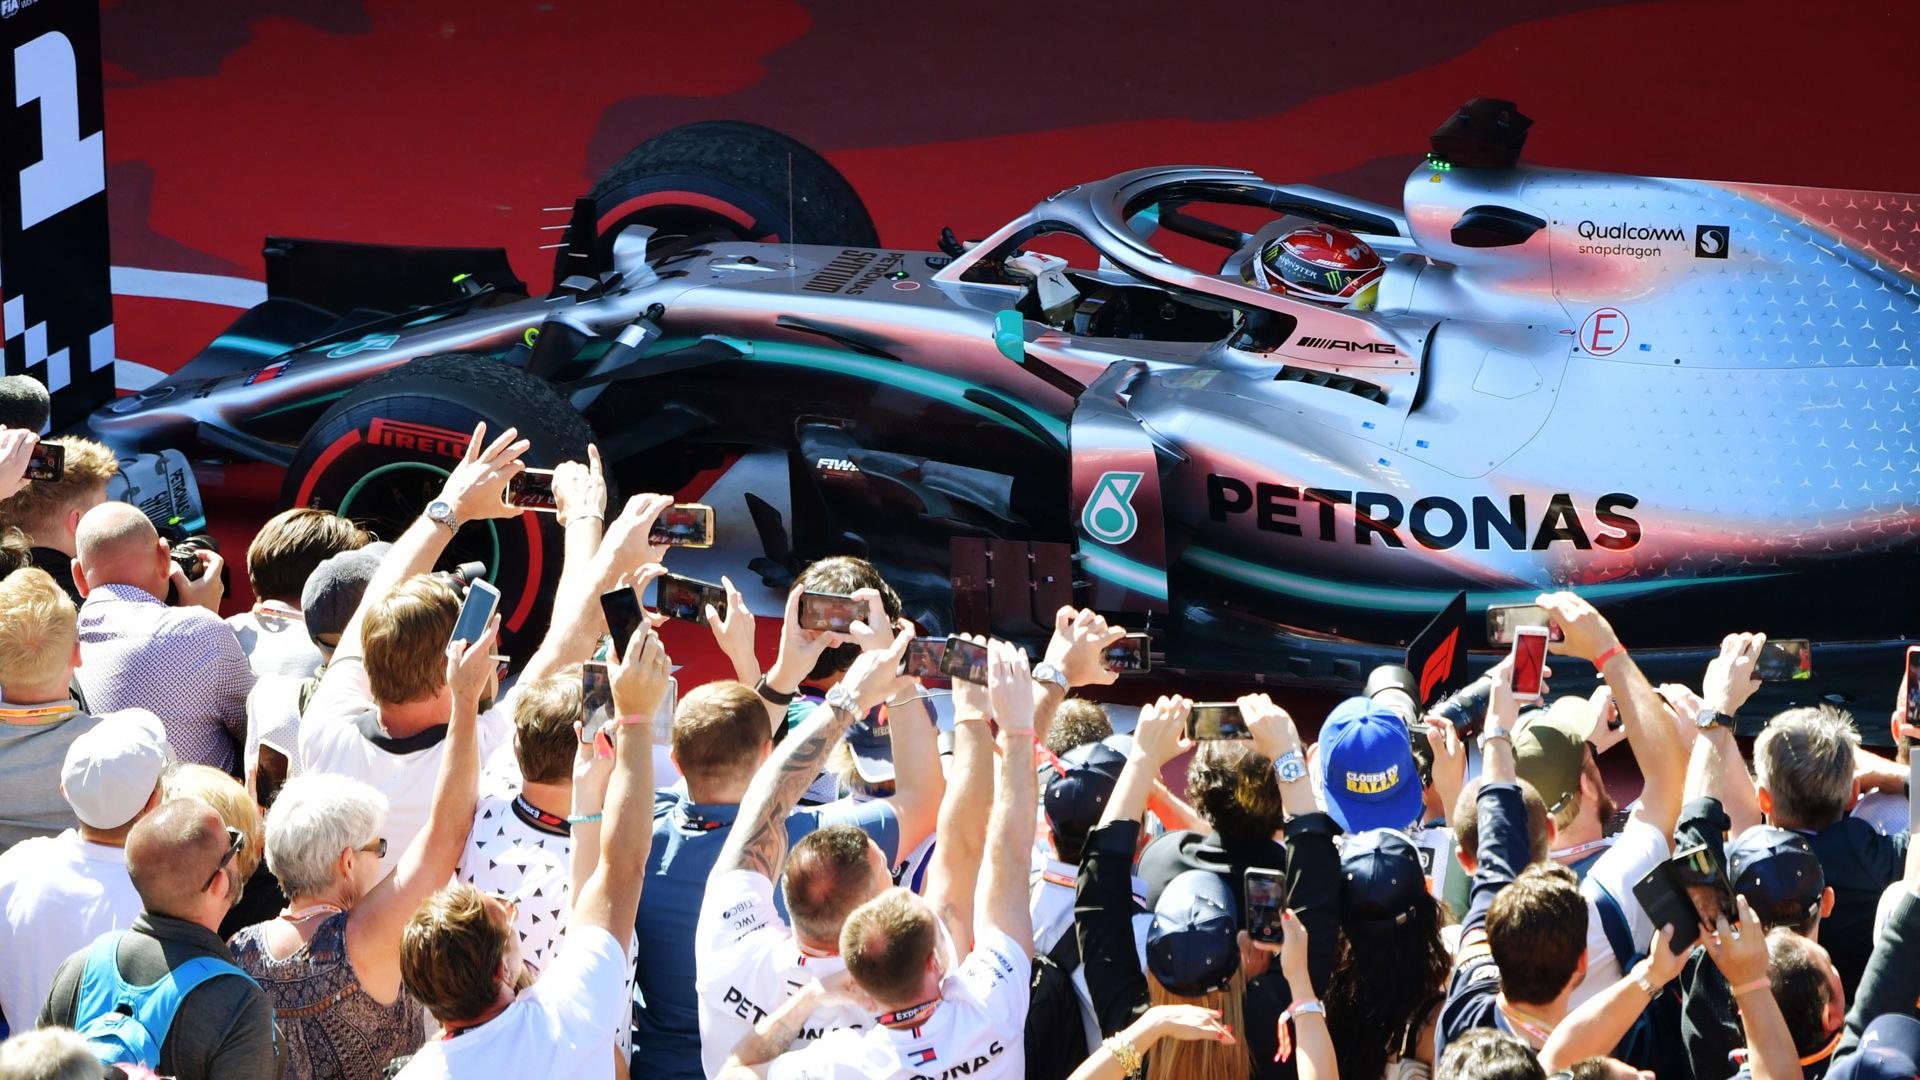 2019 Formula 1 Spanish Grand Prix